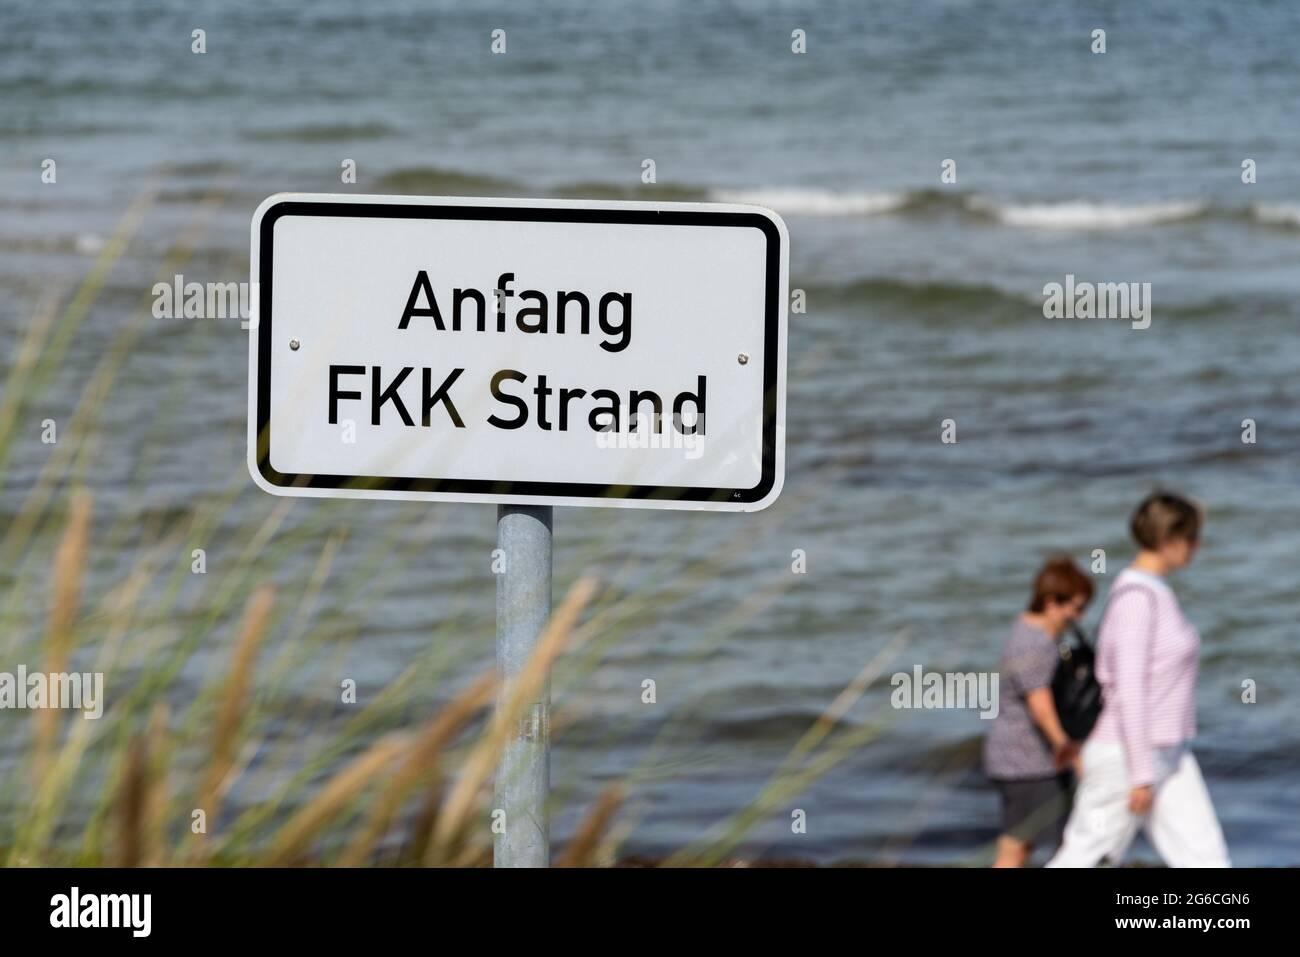 Fkk strand video nackt am Am Meisten